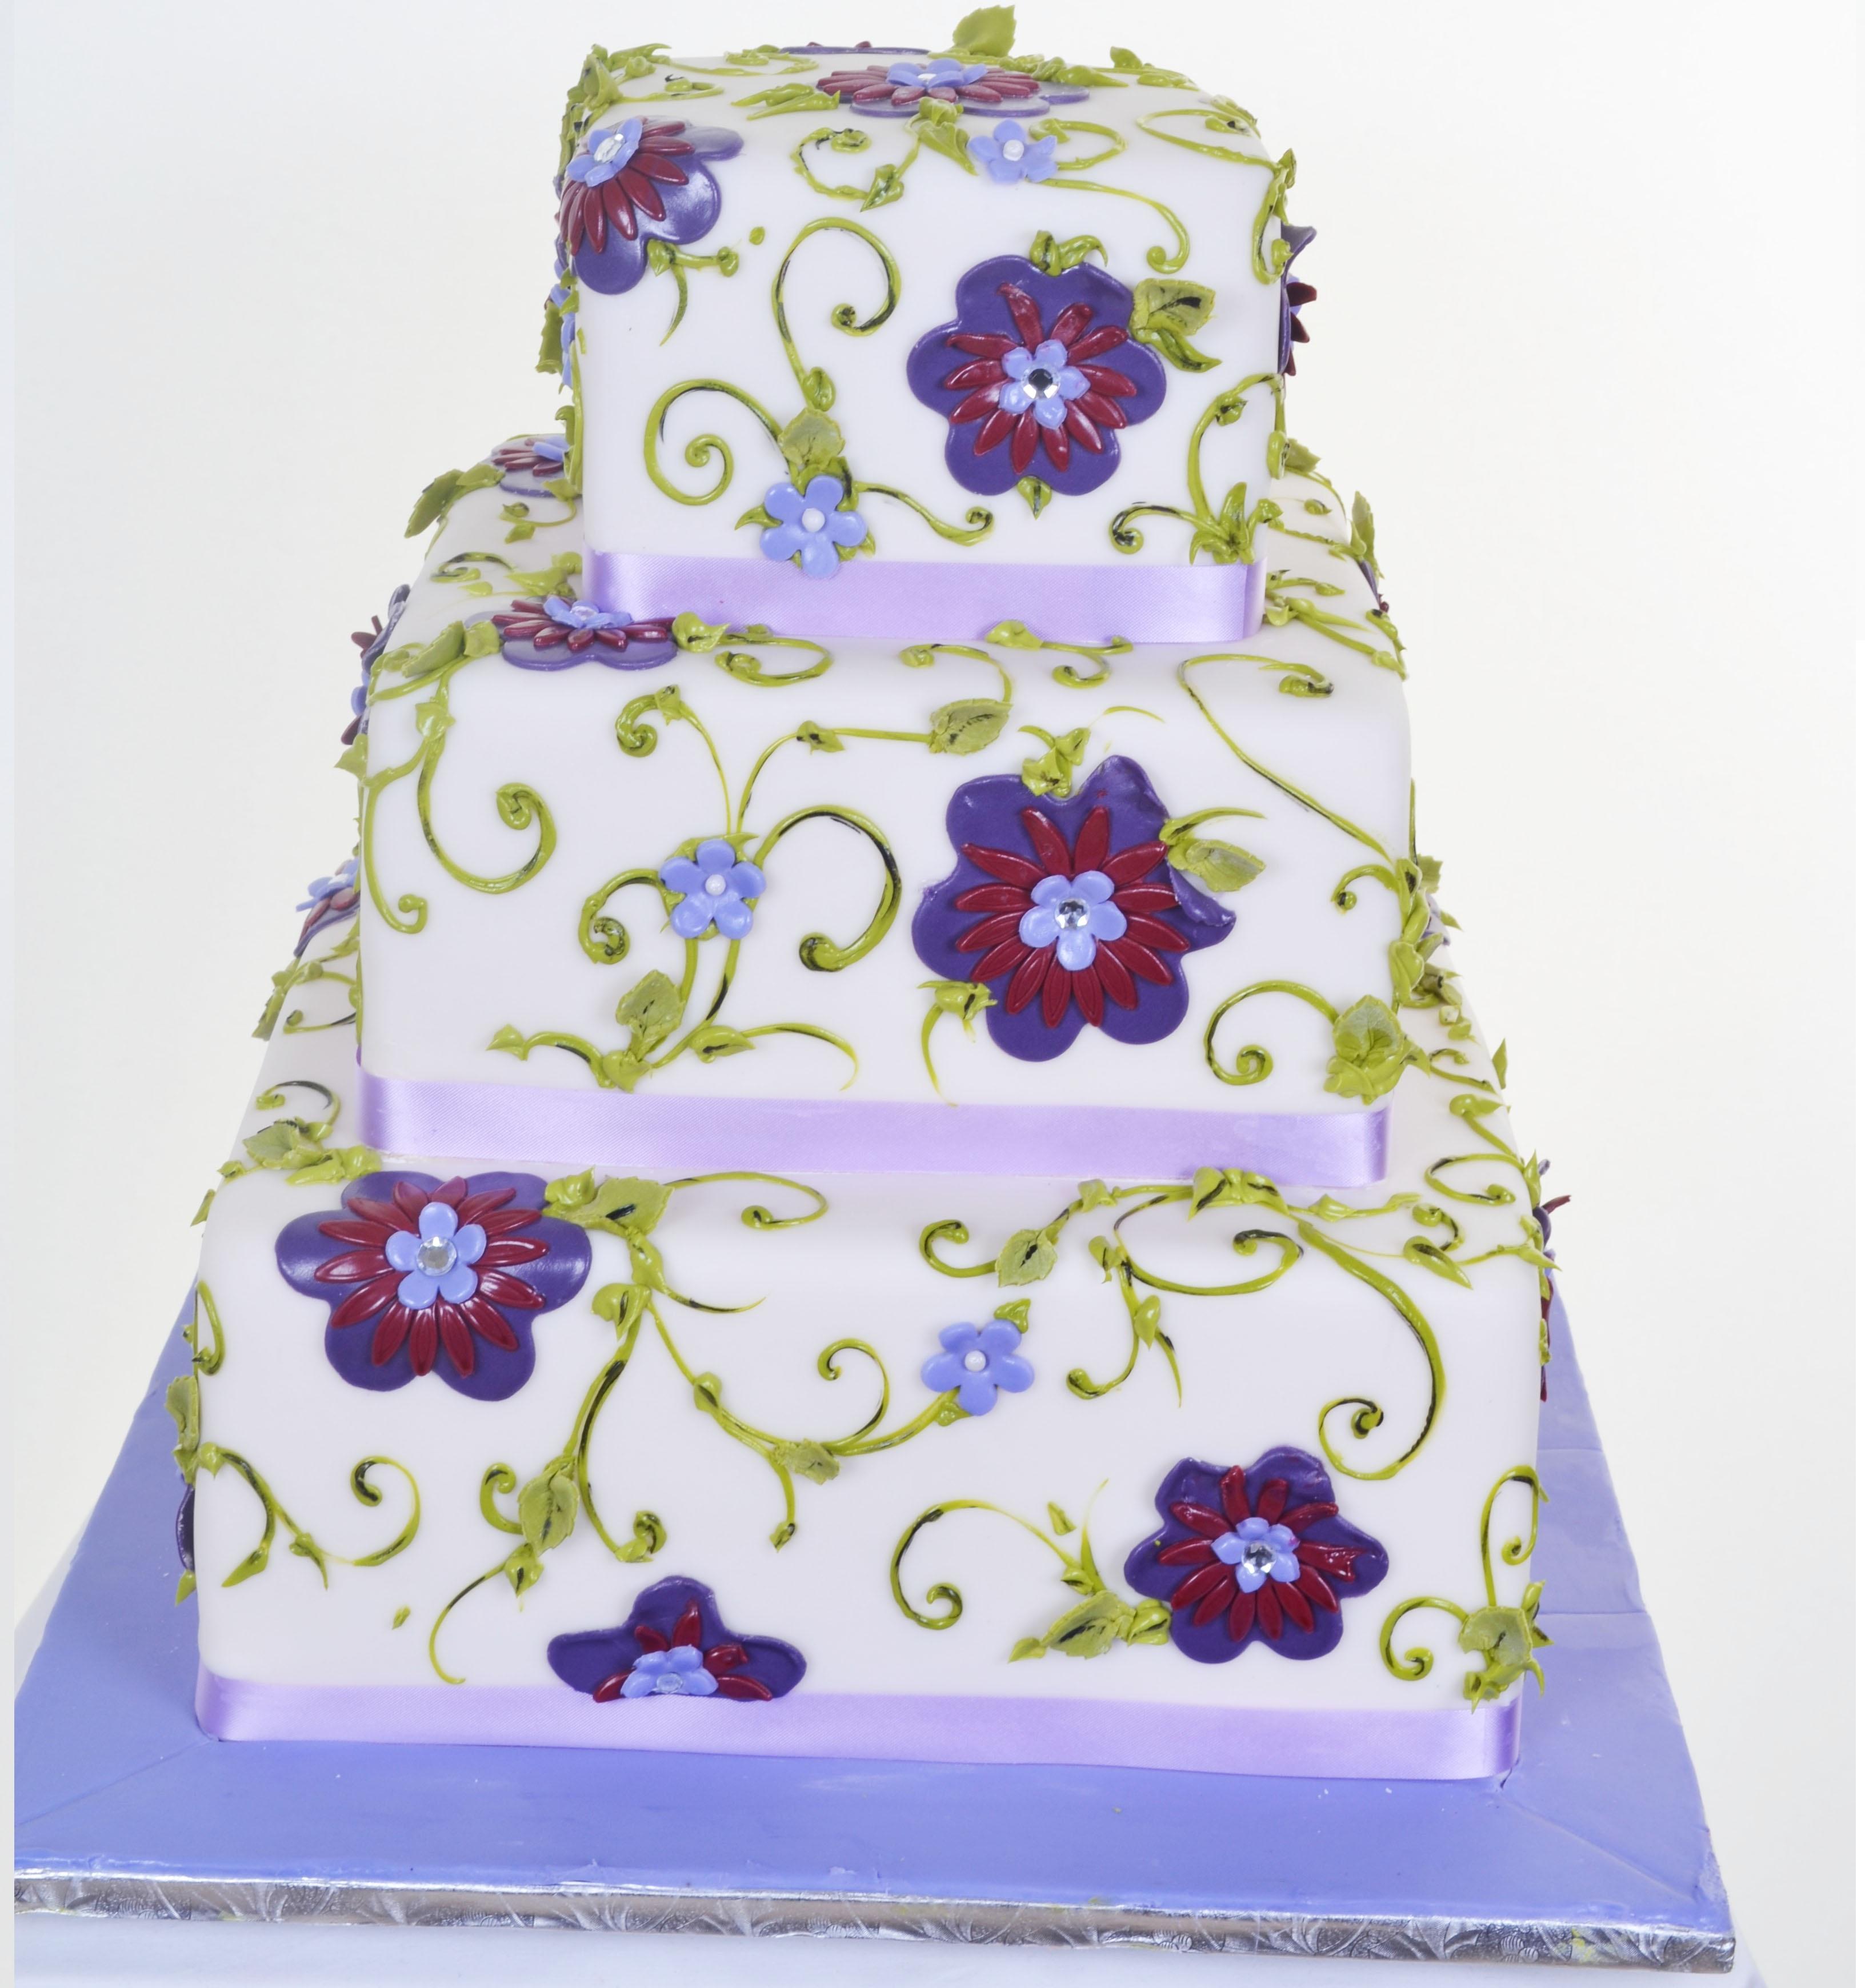 Pastry Palace Las Vegas Wedding Cake 708 - Tapestry